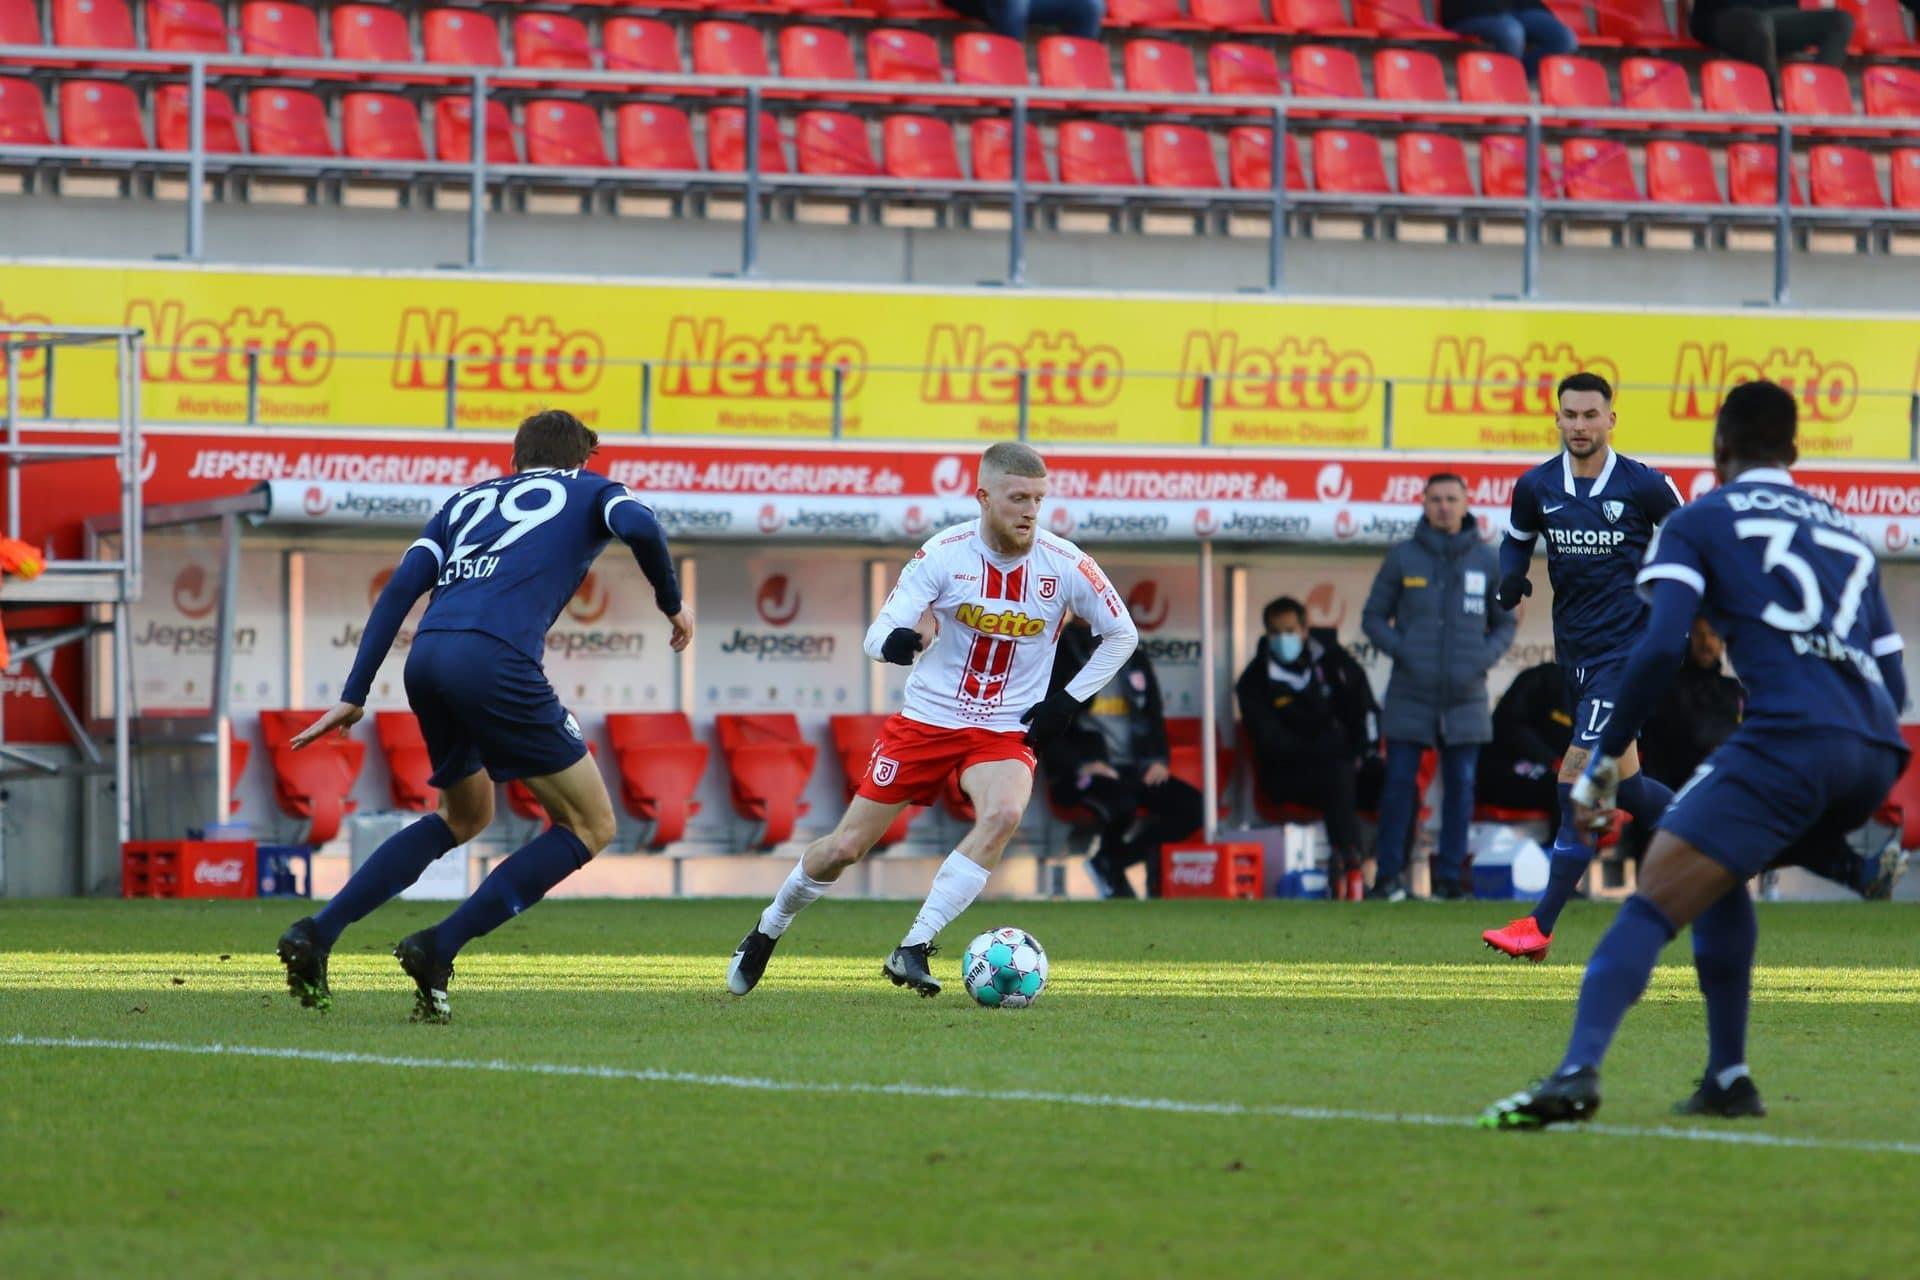 Jahn Regensburg steht am Scheideweg Abstiegskampf oder gesichertes Mittelfeld? Sandhausen und St. Pauli sind die Gradmesser